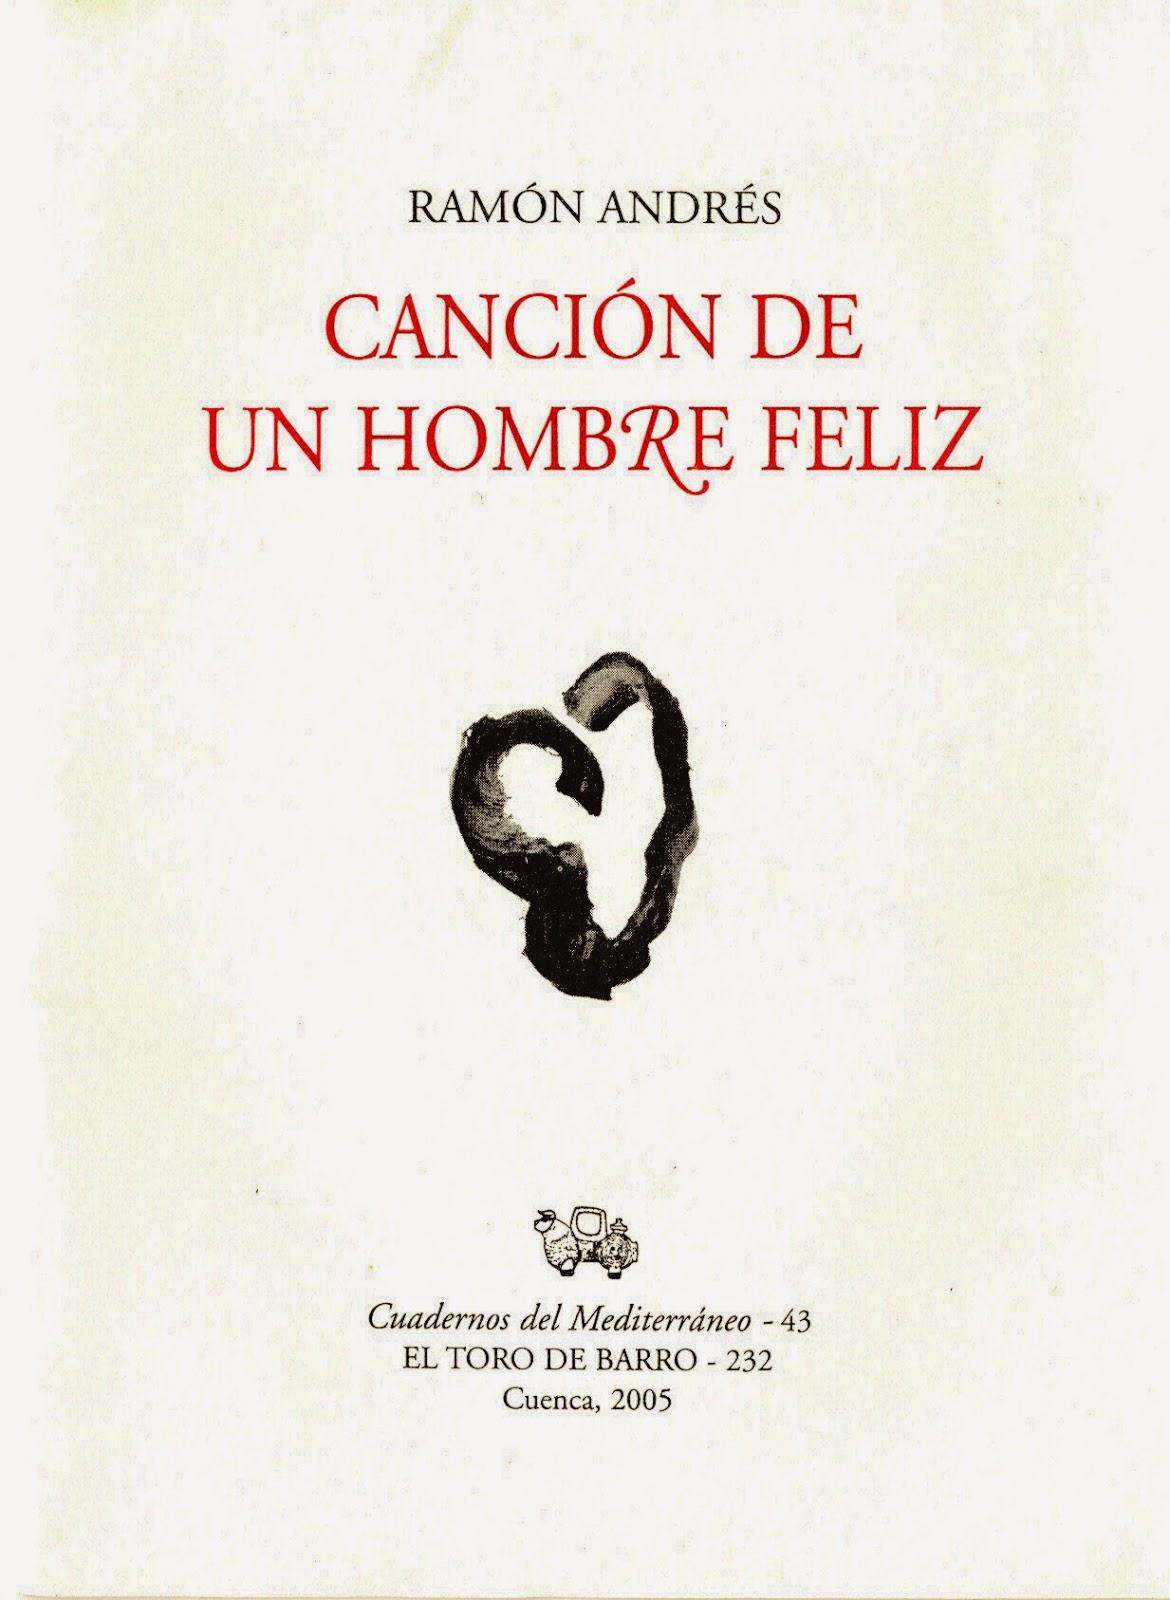 Ramón Andrés, Canción de un hombre feliz   Col. «Cuaderno del Mediterráneo» Ed. El Toro de Barro, Carlos Morales ed. Tarancón de Cuenca, 2005. edicioneseltorodebarro@yahoo.es